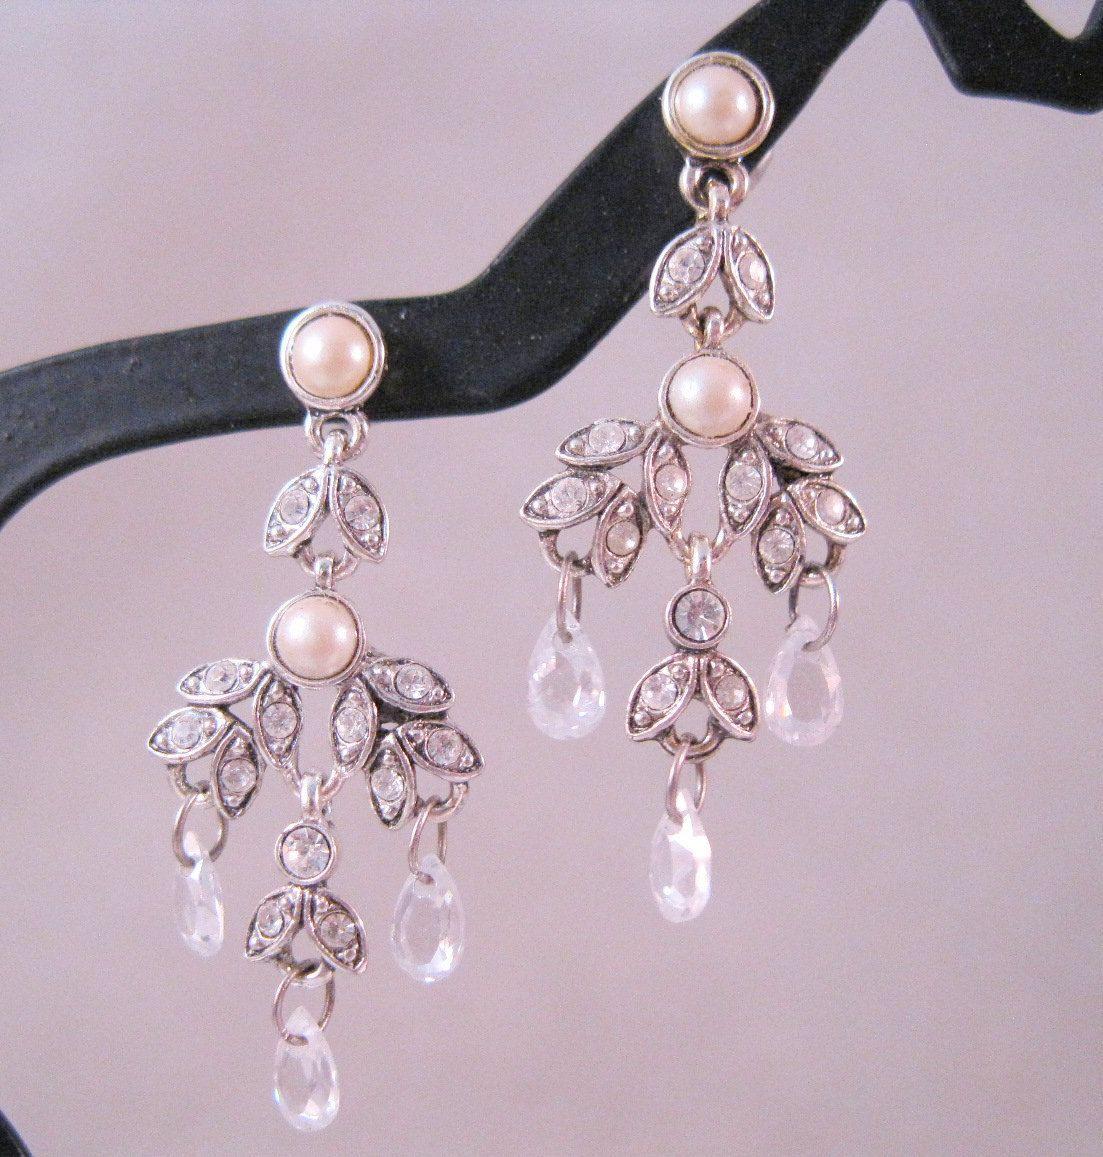 14 99 Vintage Monet Chandelier Earrings Pierced Crystal Pearl Rhinestone Bridal Jewelry Jewellery By Brighteyestreasures On Etsy